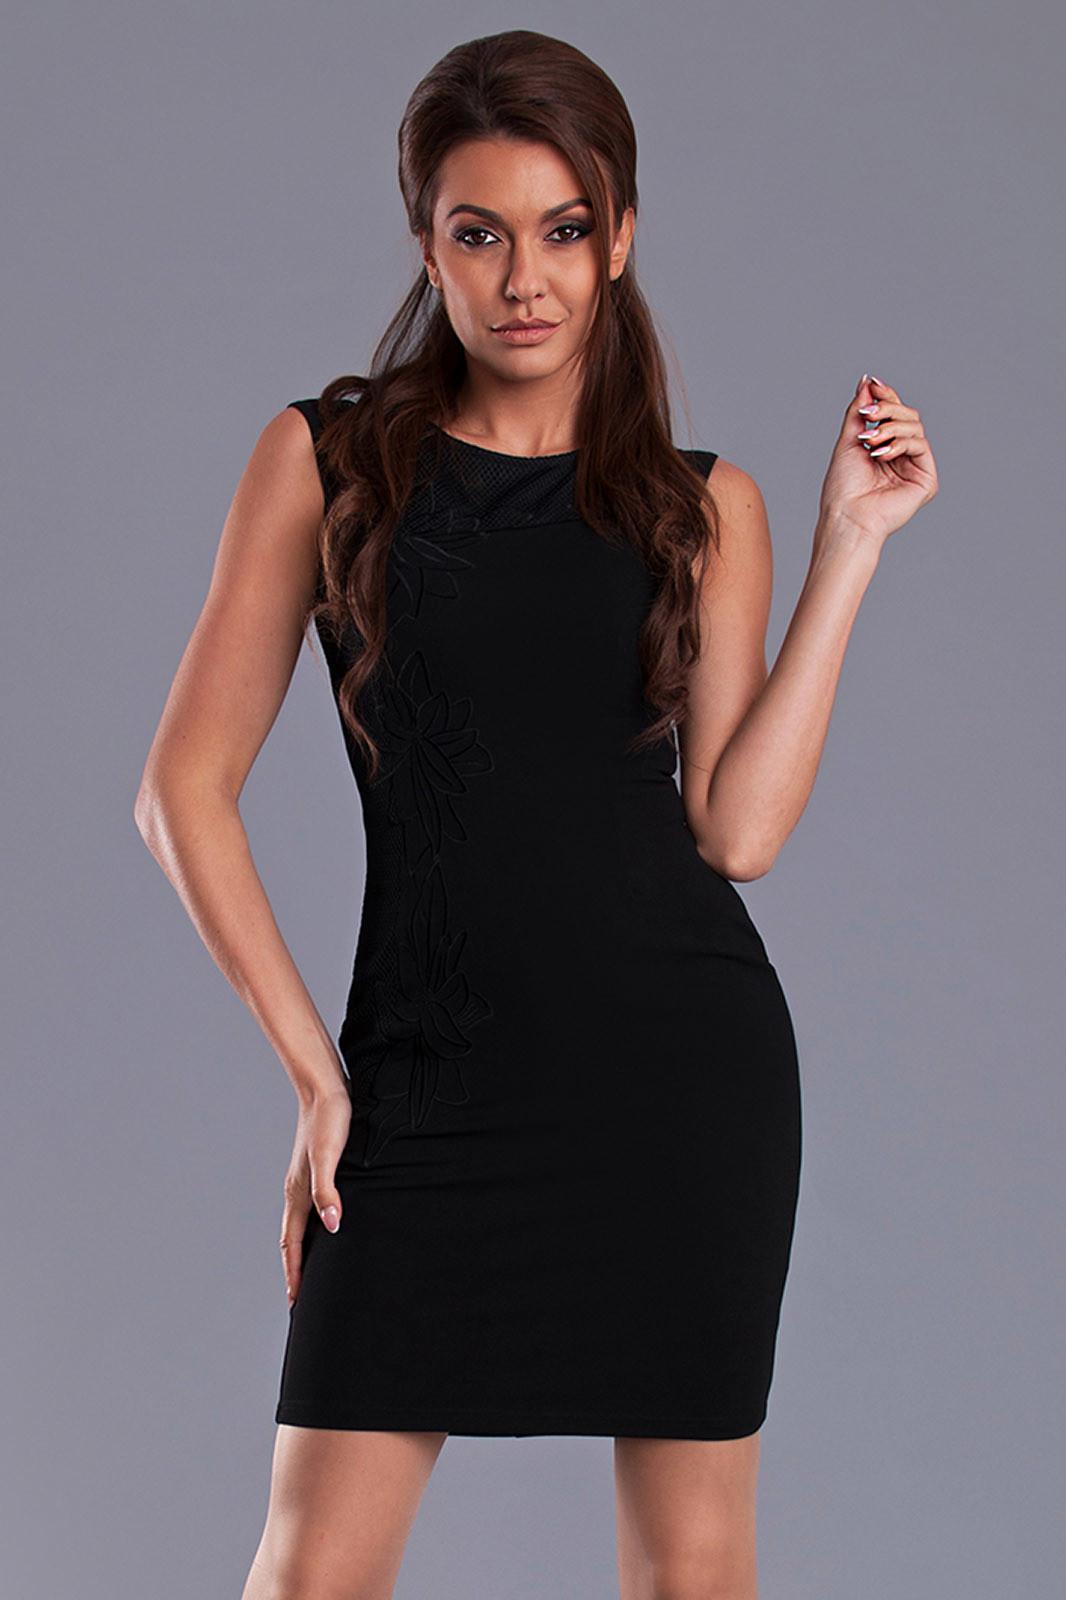 Dámske krátke šaty EMAMODA čierne - Čierna / L - EMAMODA čierna L